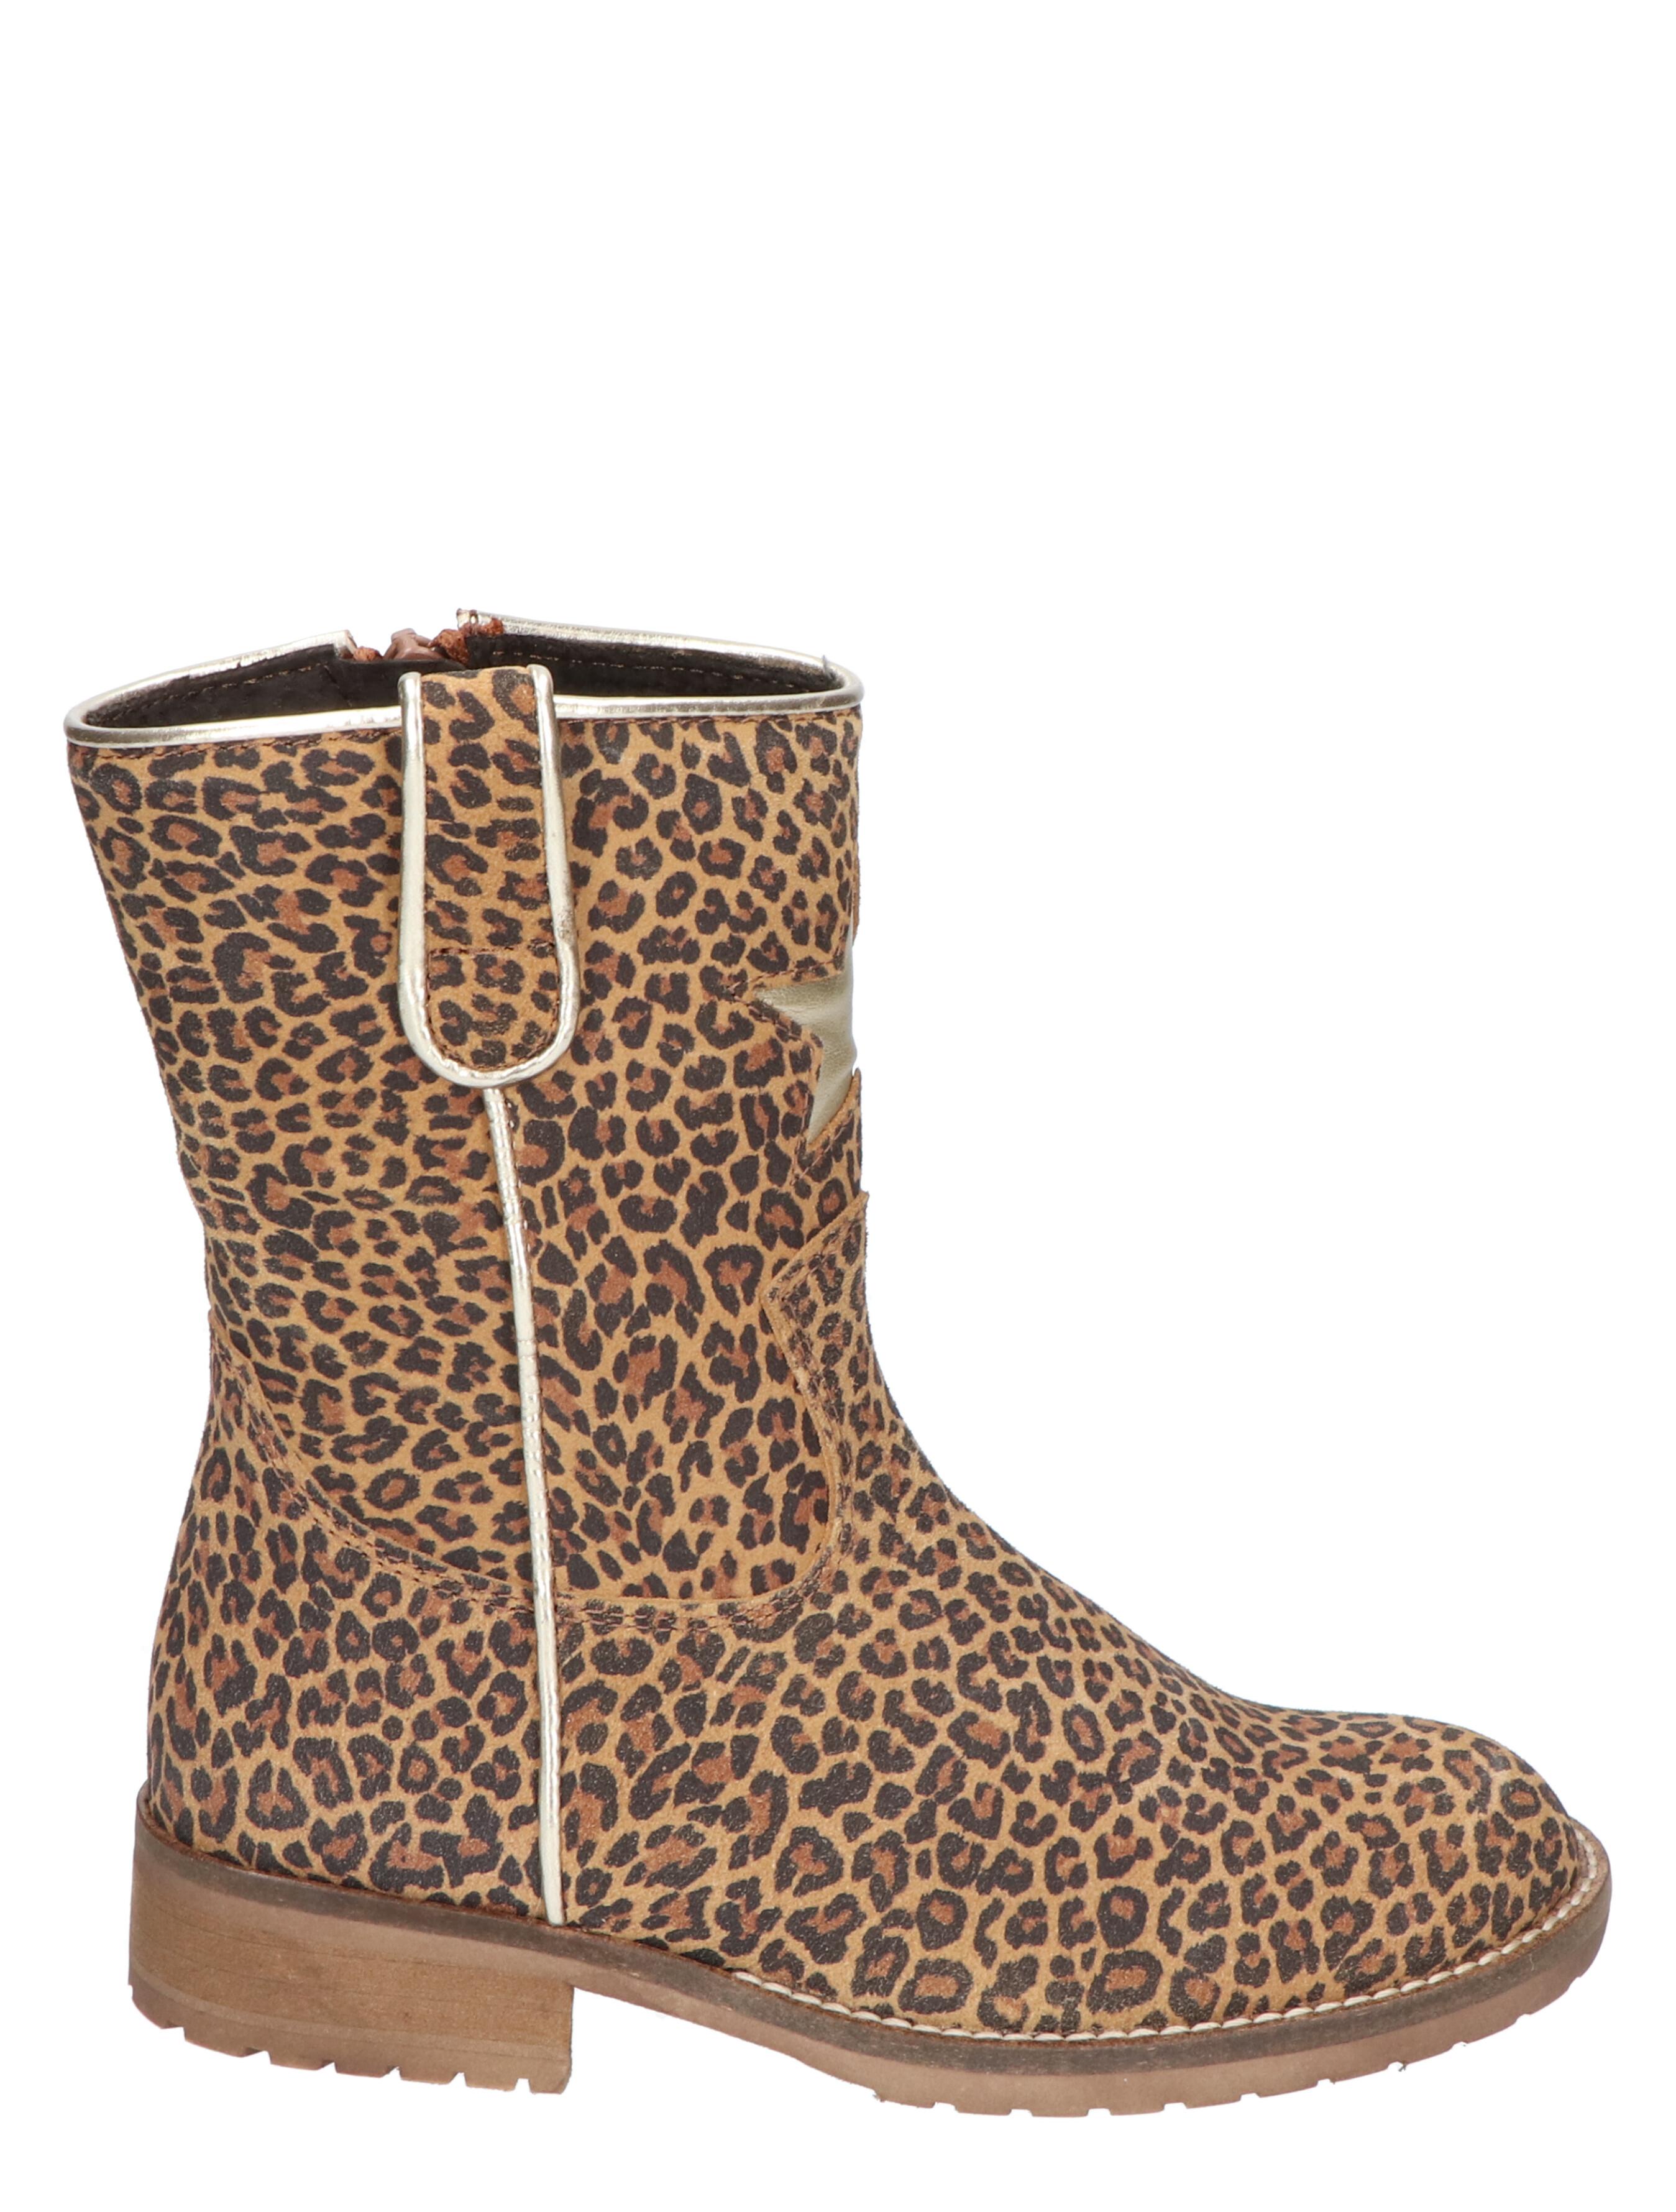 HIP H1149 natural leopard